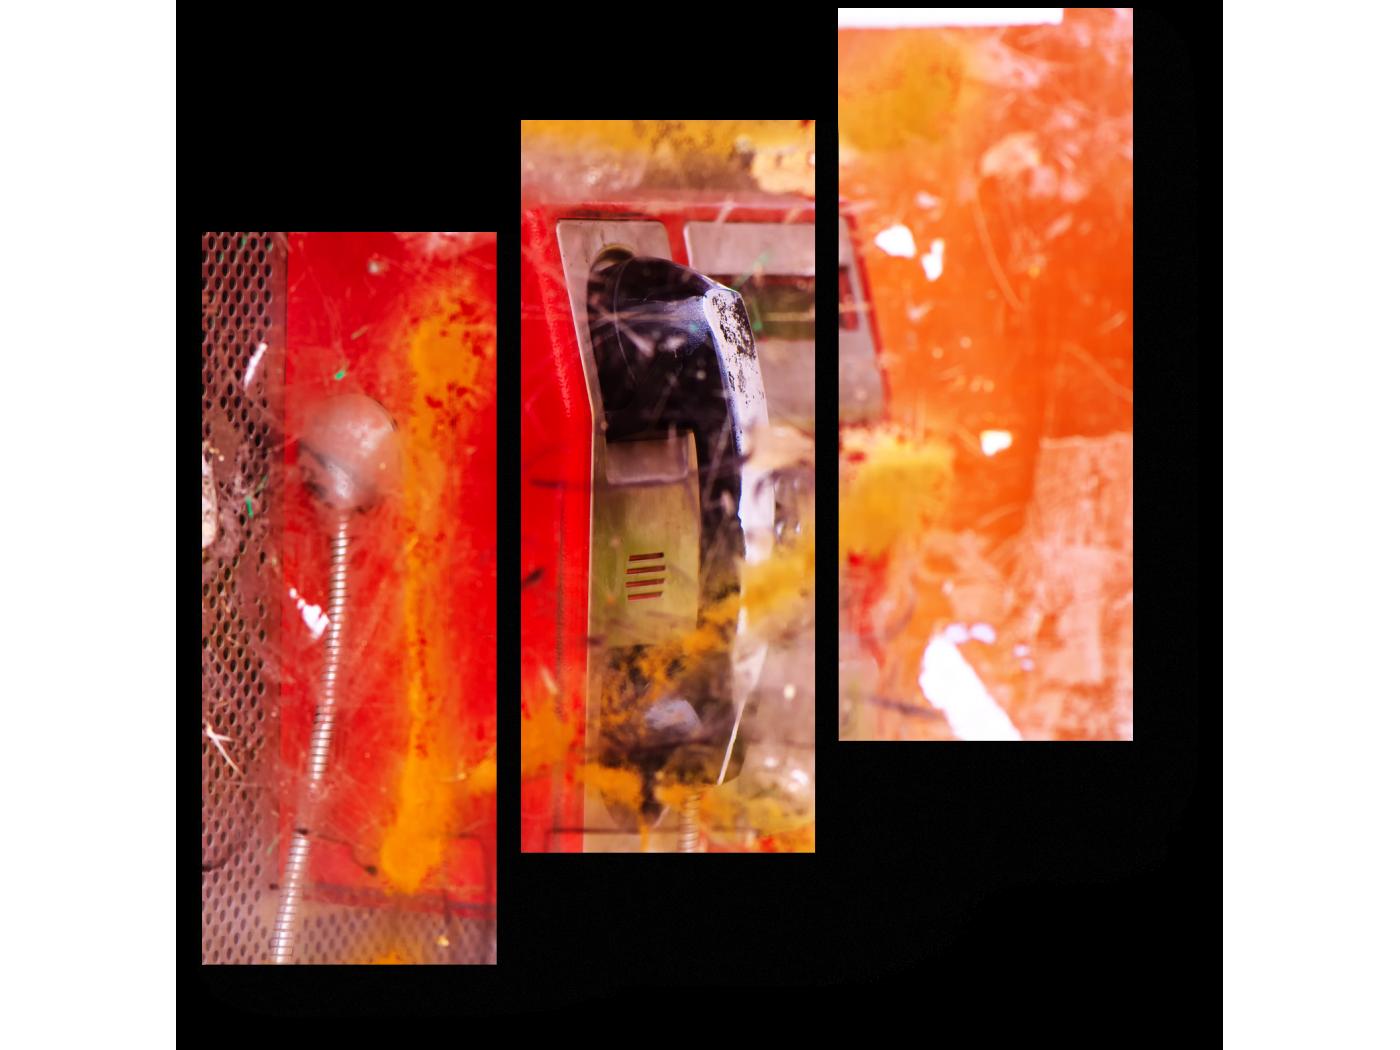 Модульная картина Городской дух (60x64) фото